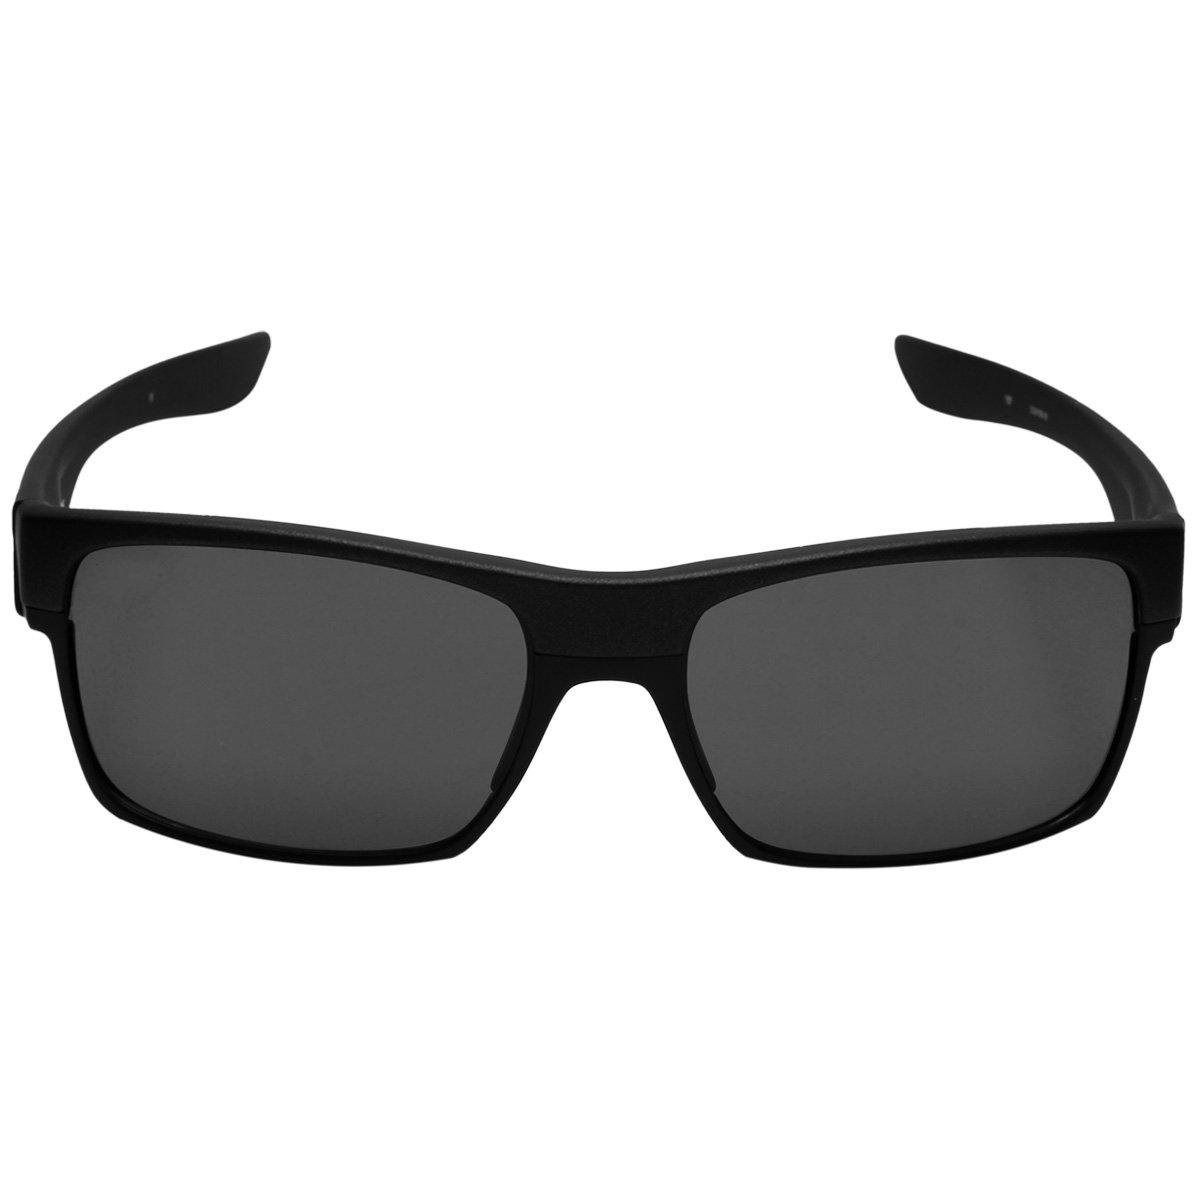 6387d0fd7852f Óculos Oakley Twoface  Óculos Oakley Twoface ...